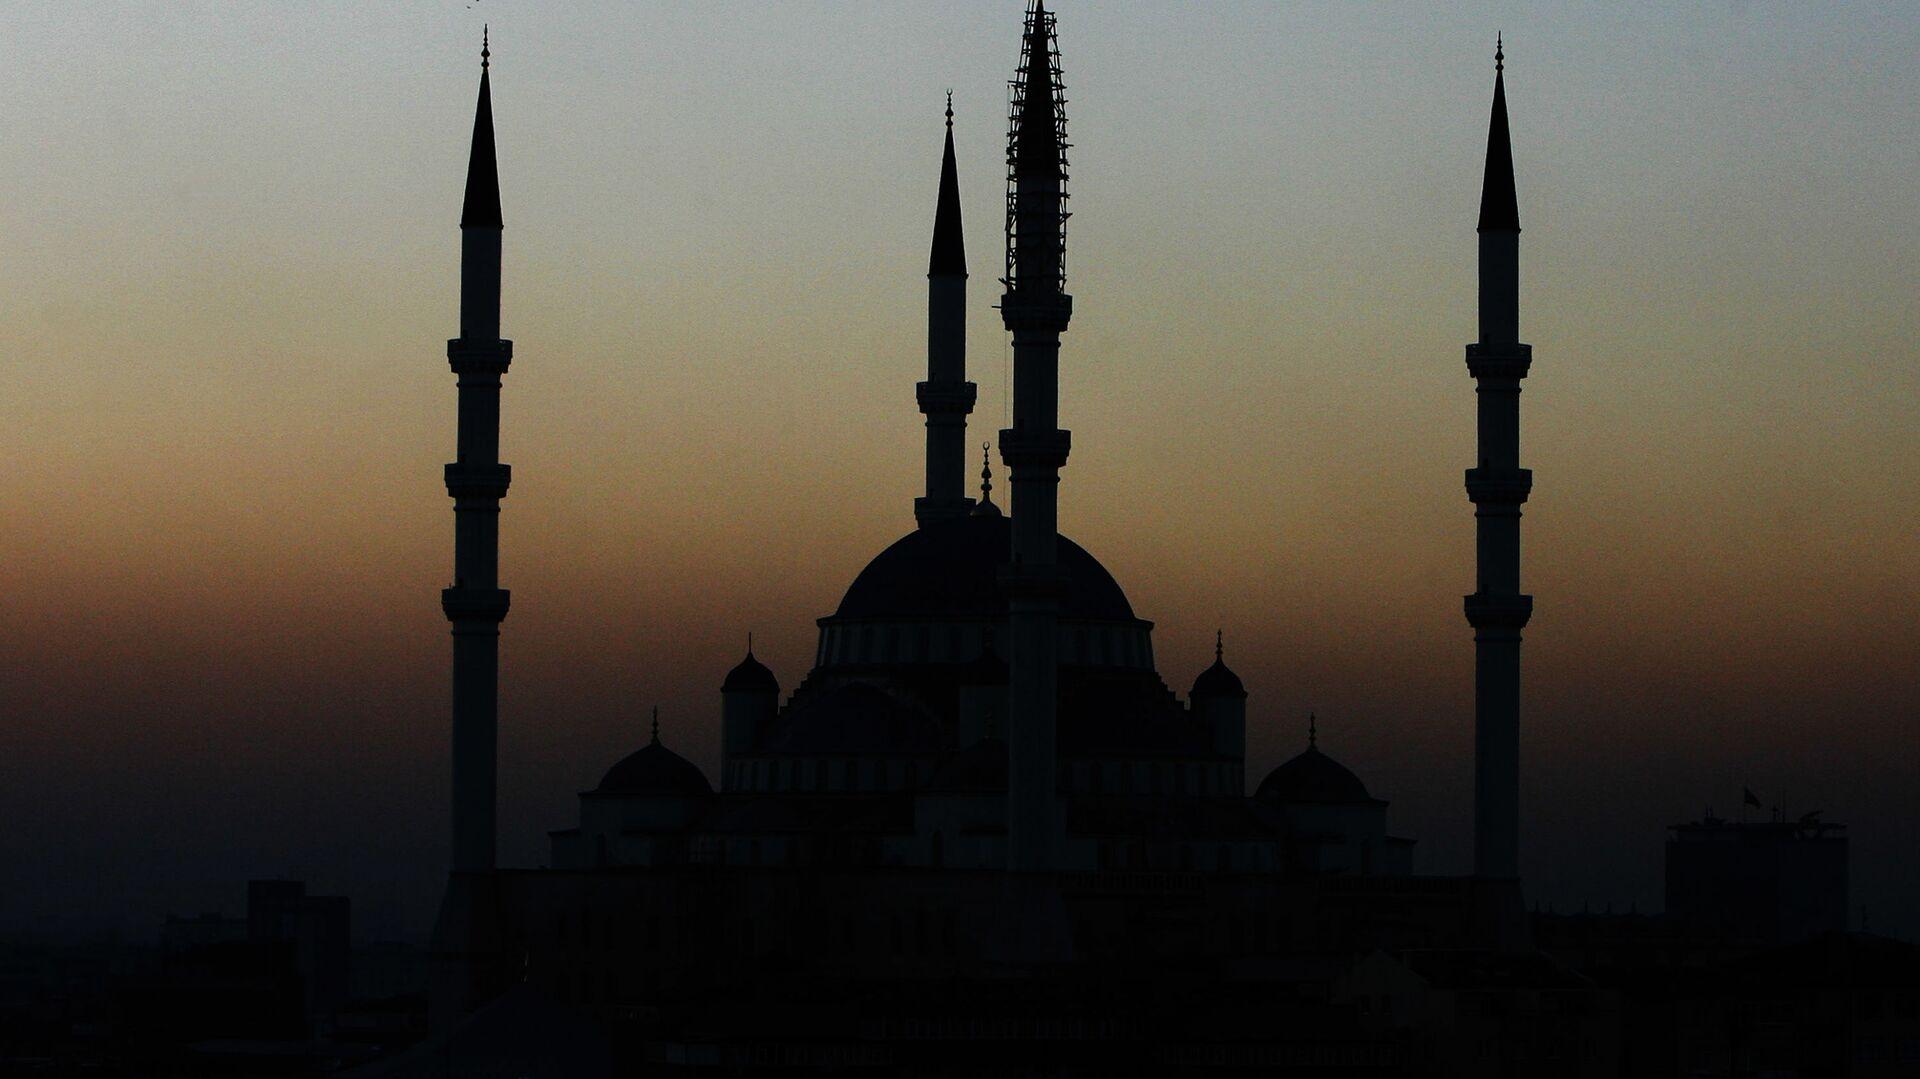 Pohled na mešitu v Ankaře  - Sputnik Česká republika, 1920, 27.04.2021